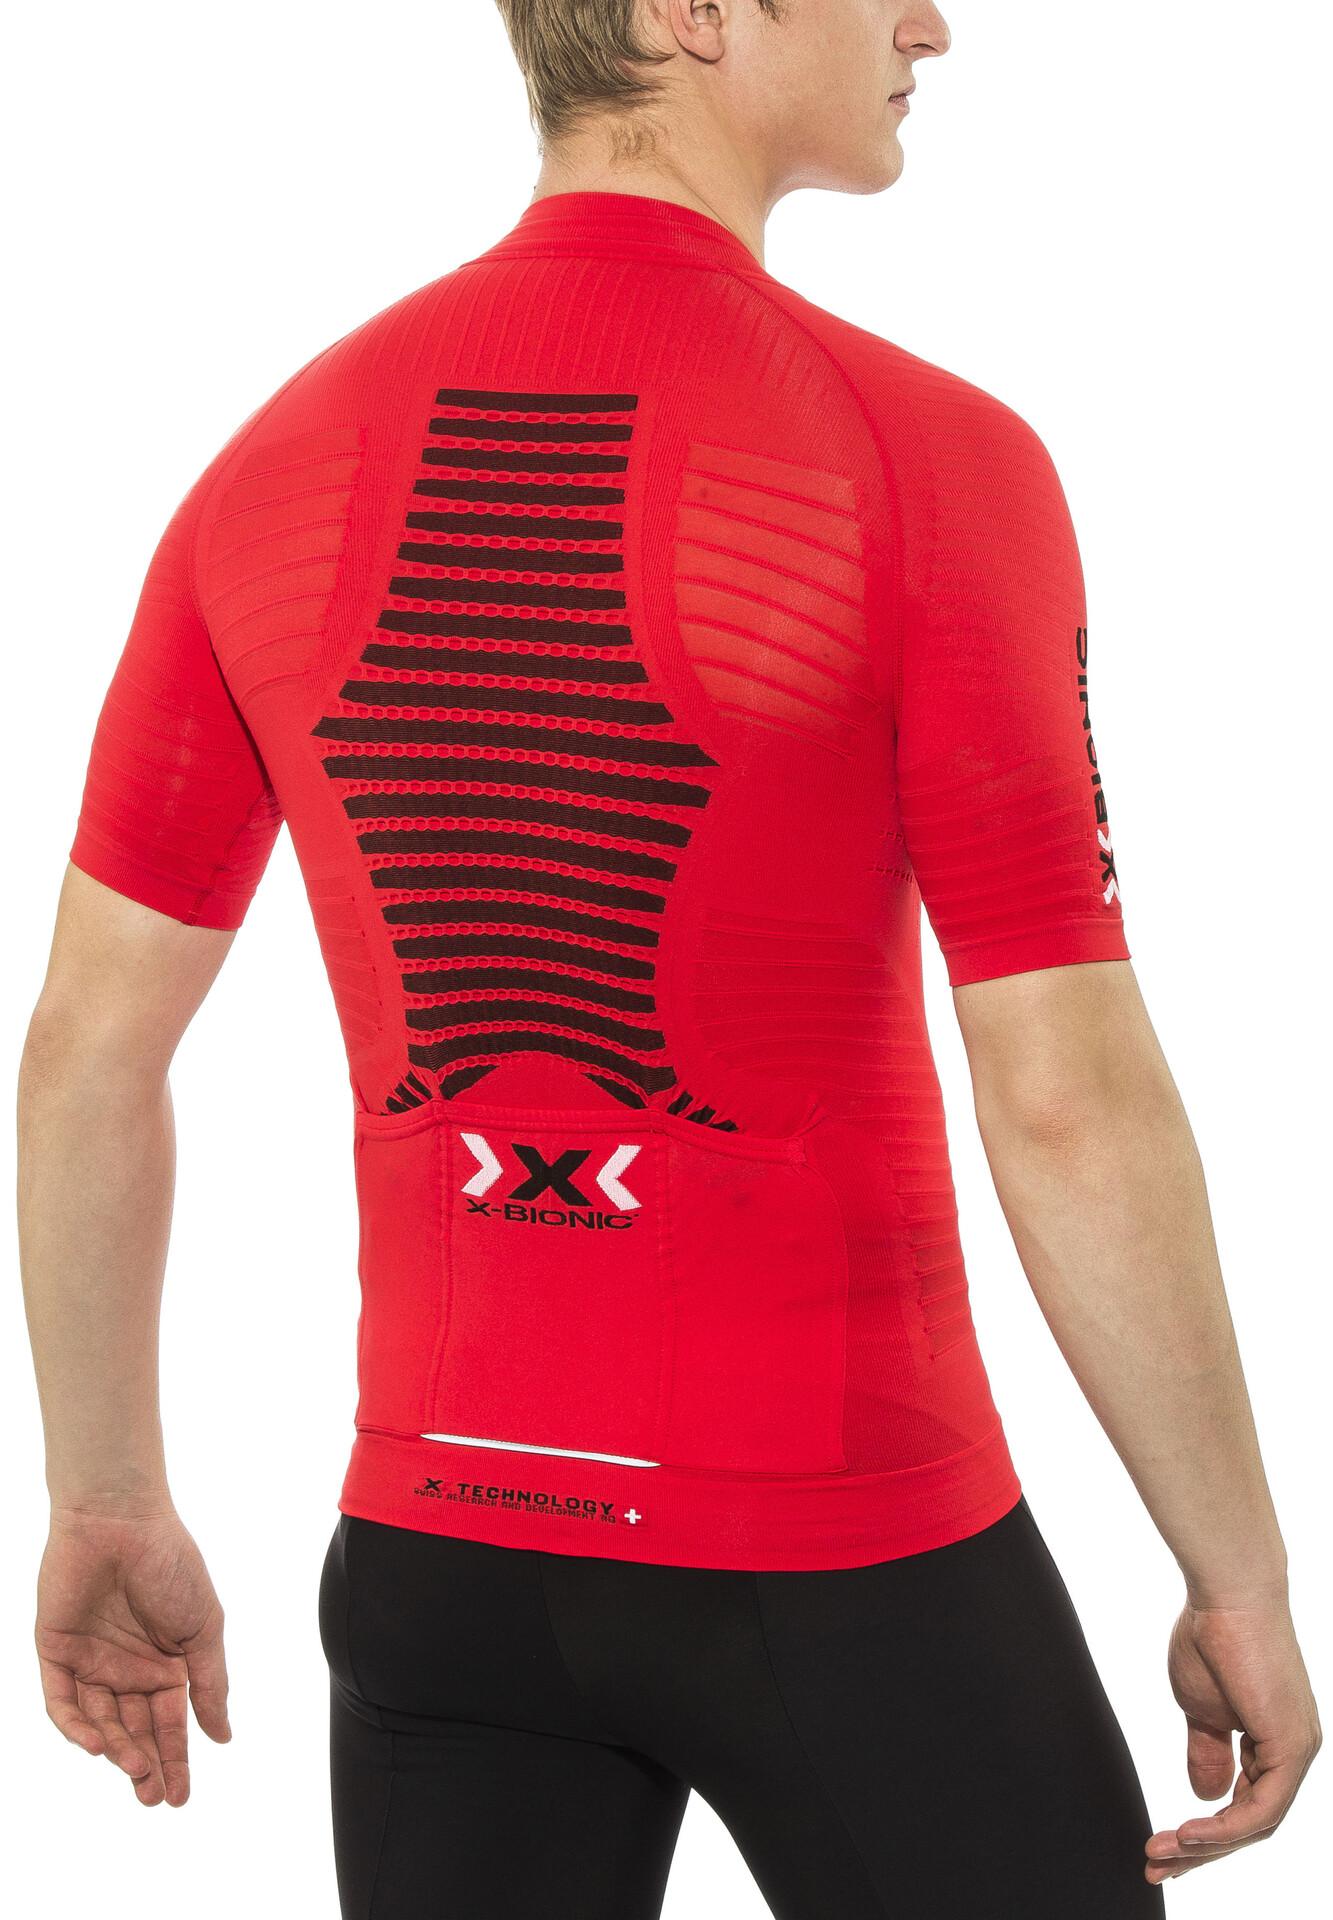 e005a0f1c6 bianca Abbigliamento ciclismo MAGLIA CICLISMO ASICS SWEAT FULL ZIP BIKE  uomo rosso